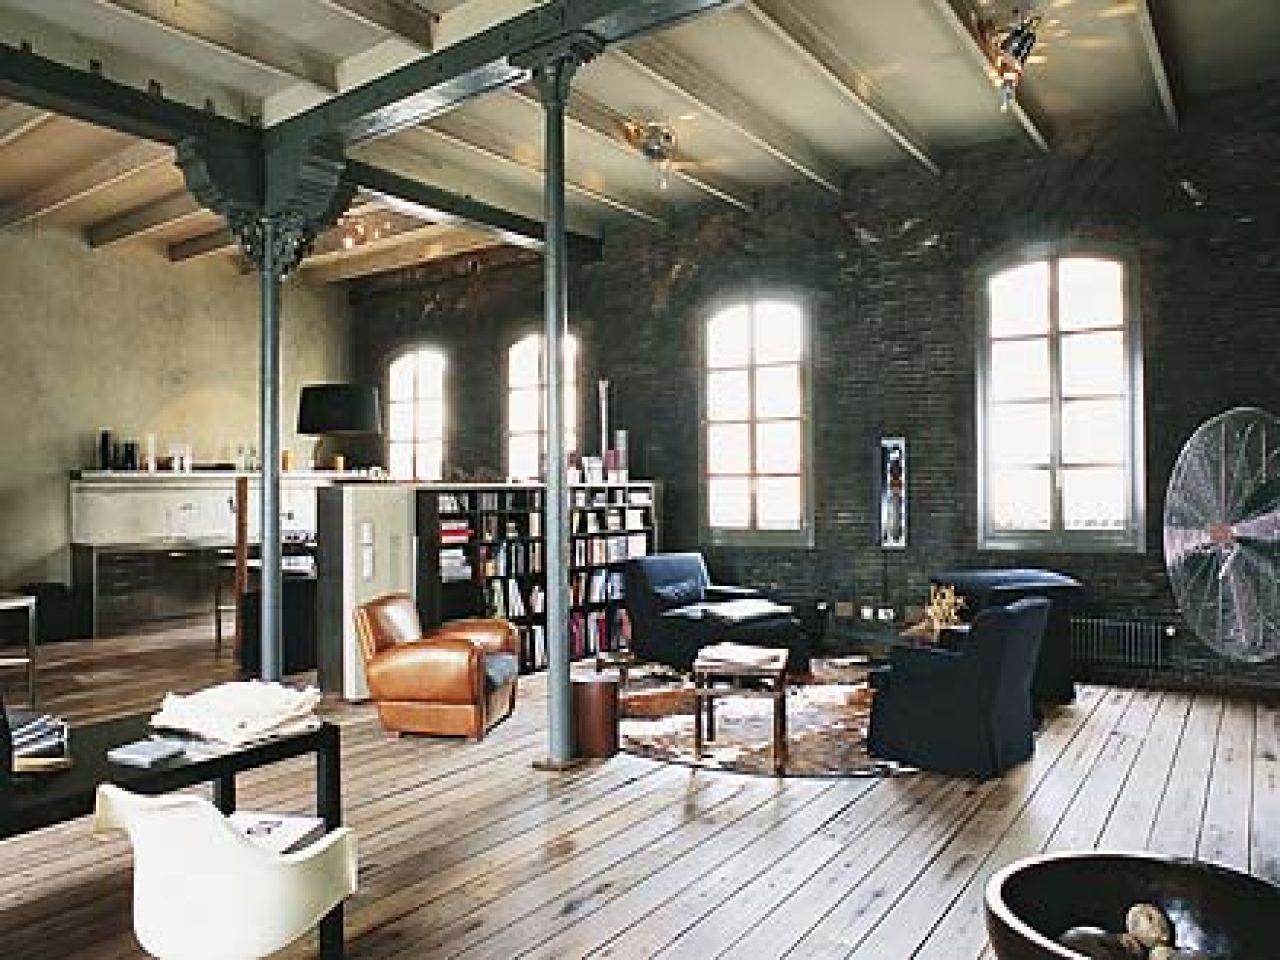 Pin von Jackie auf Rustic modern interior | Pinterest